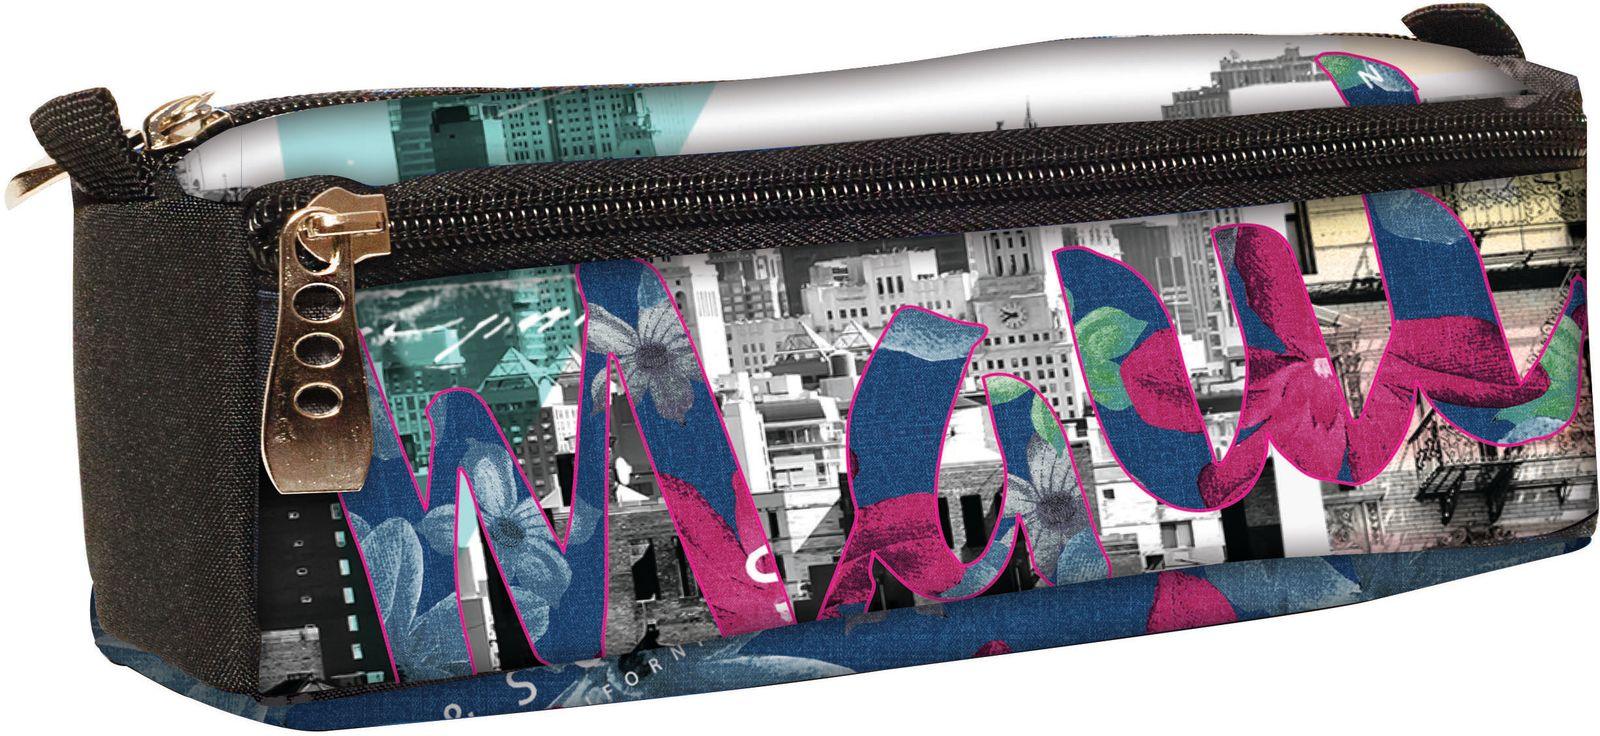 Κασετίνα Βαρελάκι MAUI New York BMU 339-62140 σχολικες τσαντες   τσάντες δημοτικού   κασετίνες